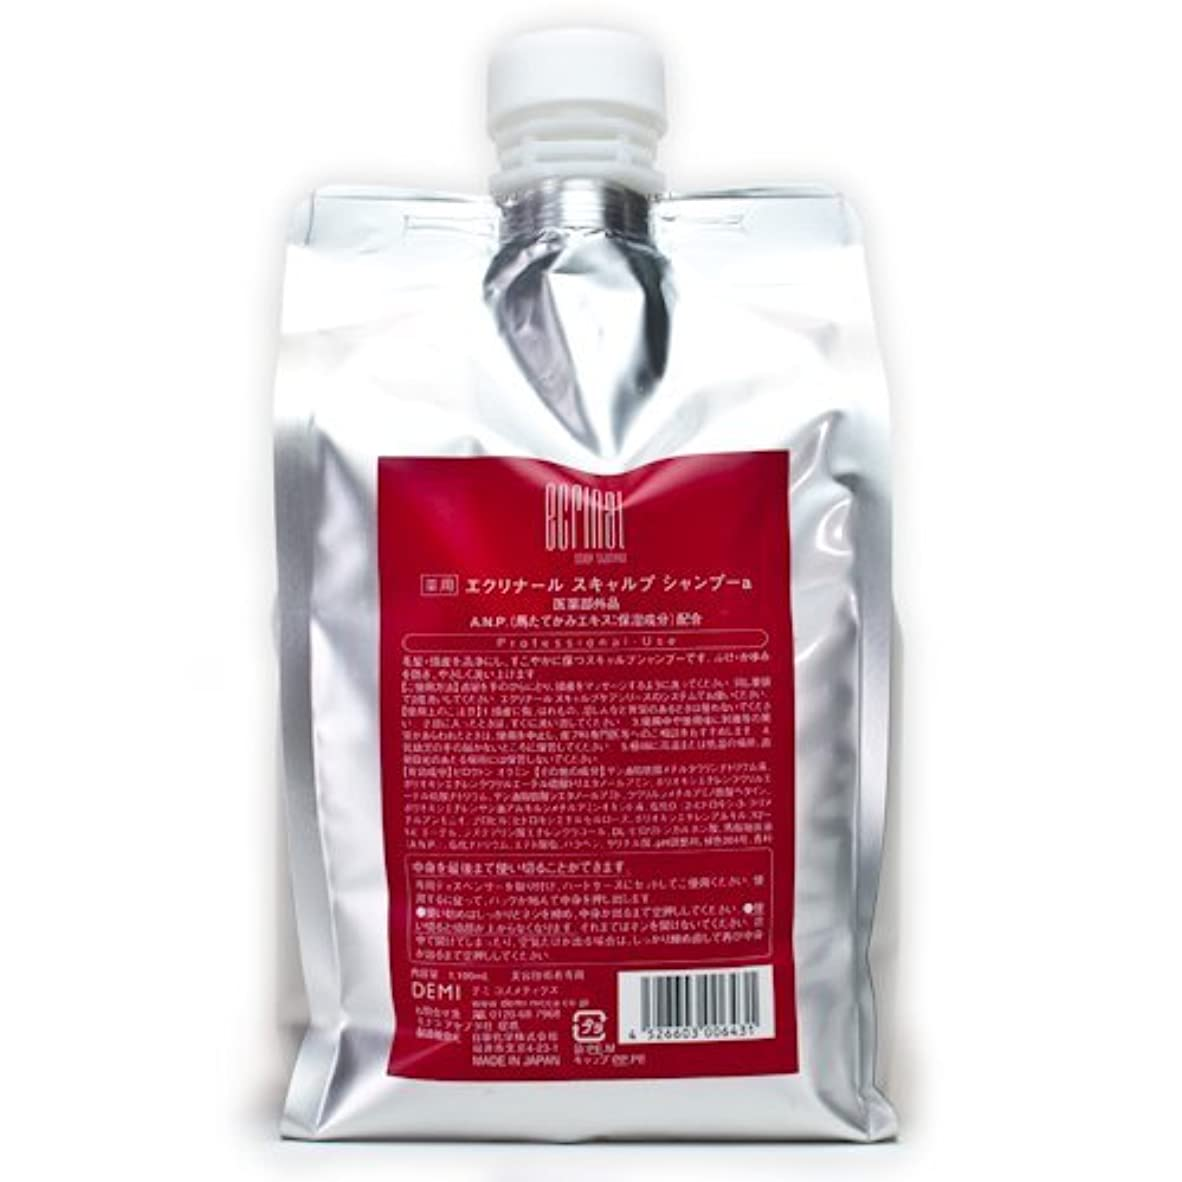 小麦おそらく安らぎデミコスメティクス エクリナール スキャルプシャンプー 1100ml (医薬部外品)